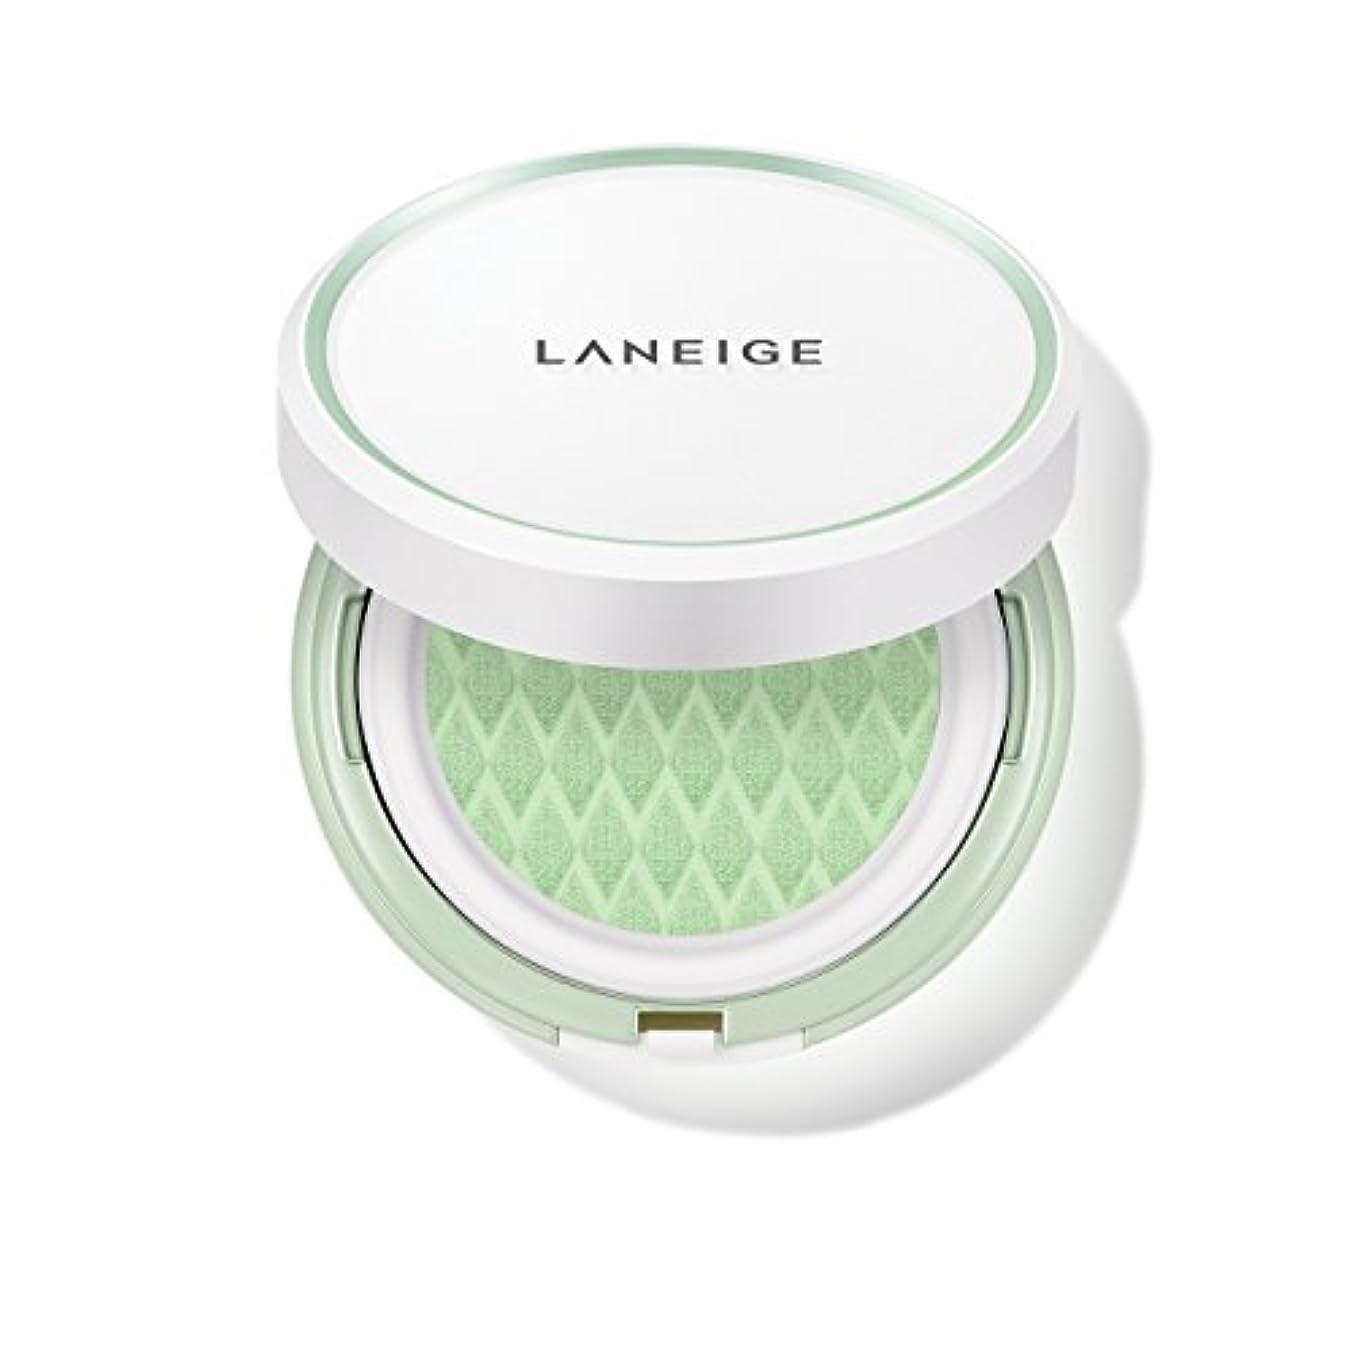 ギャロップハイライト精巧なラネージュ[LANEIGE]*AMOREPACIFIC*[新商品]スキンベなベースクッションSPF 22PA++(#60 Light Green) 15g*2 / LANEIGE Skin Veil Base Cushion...